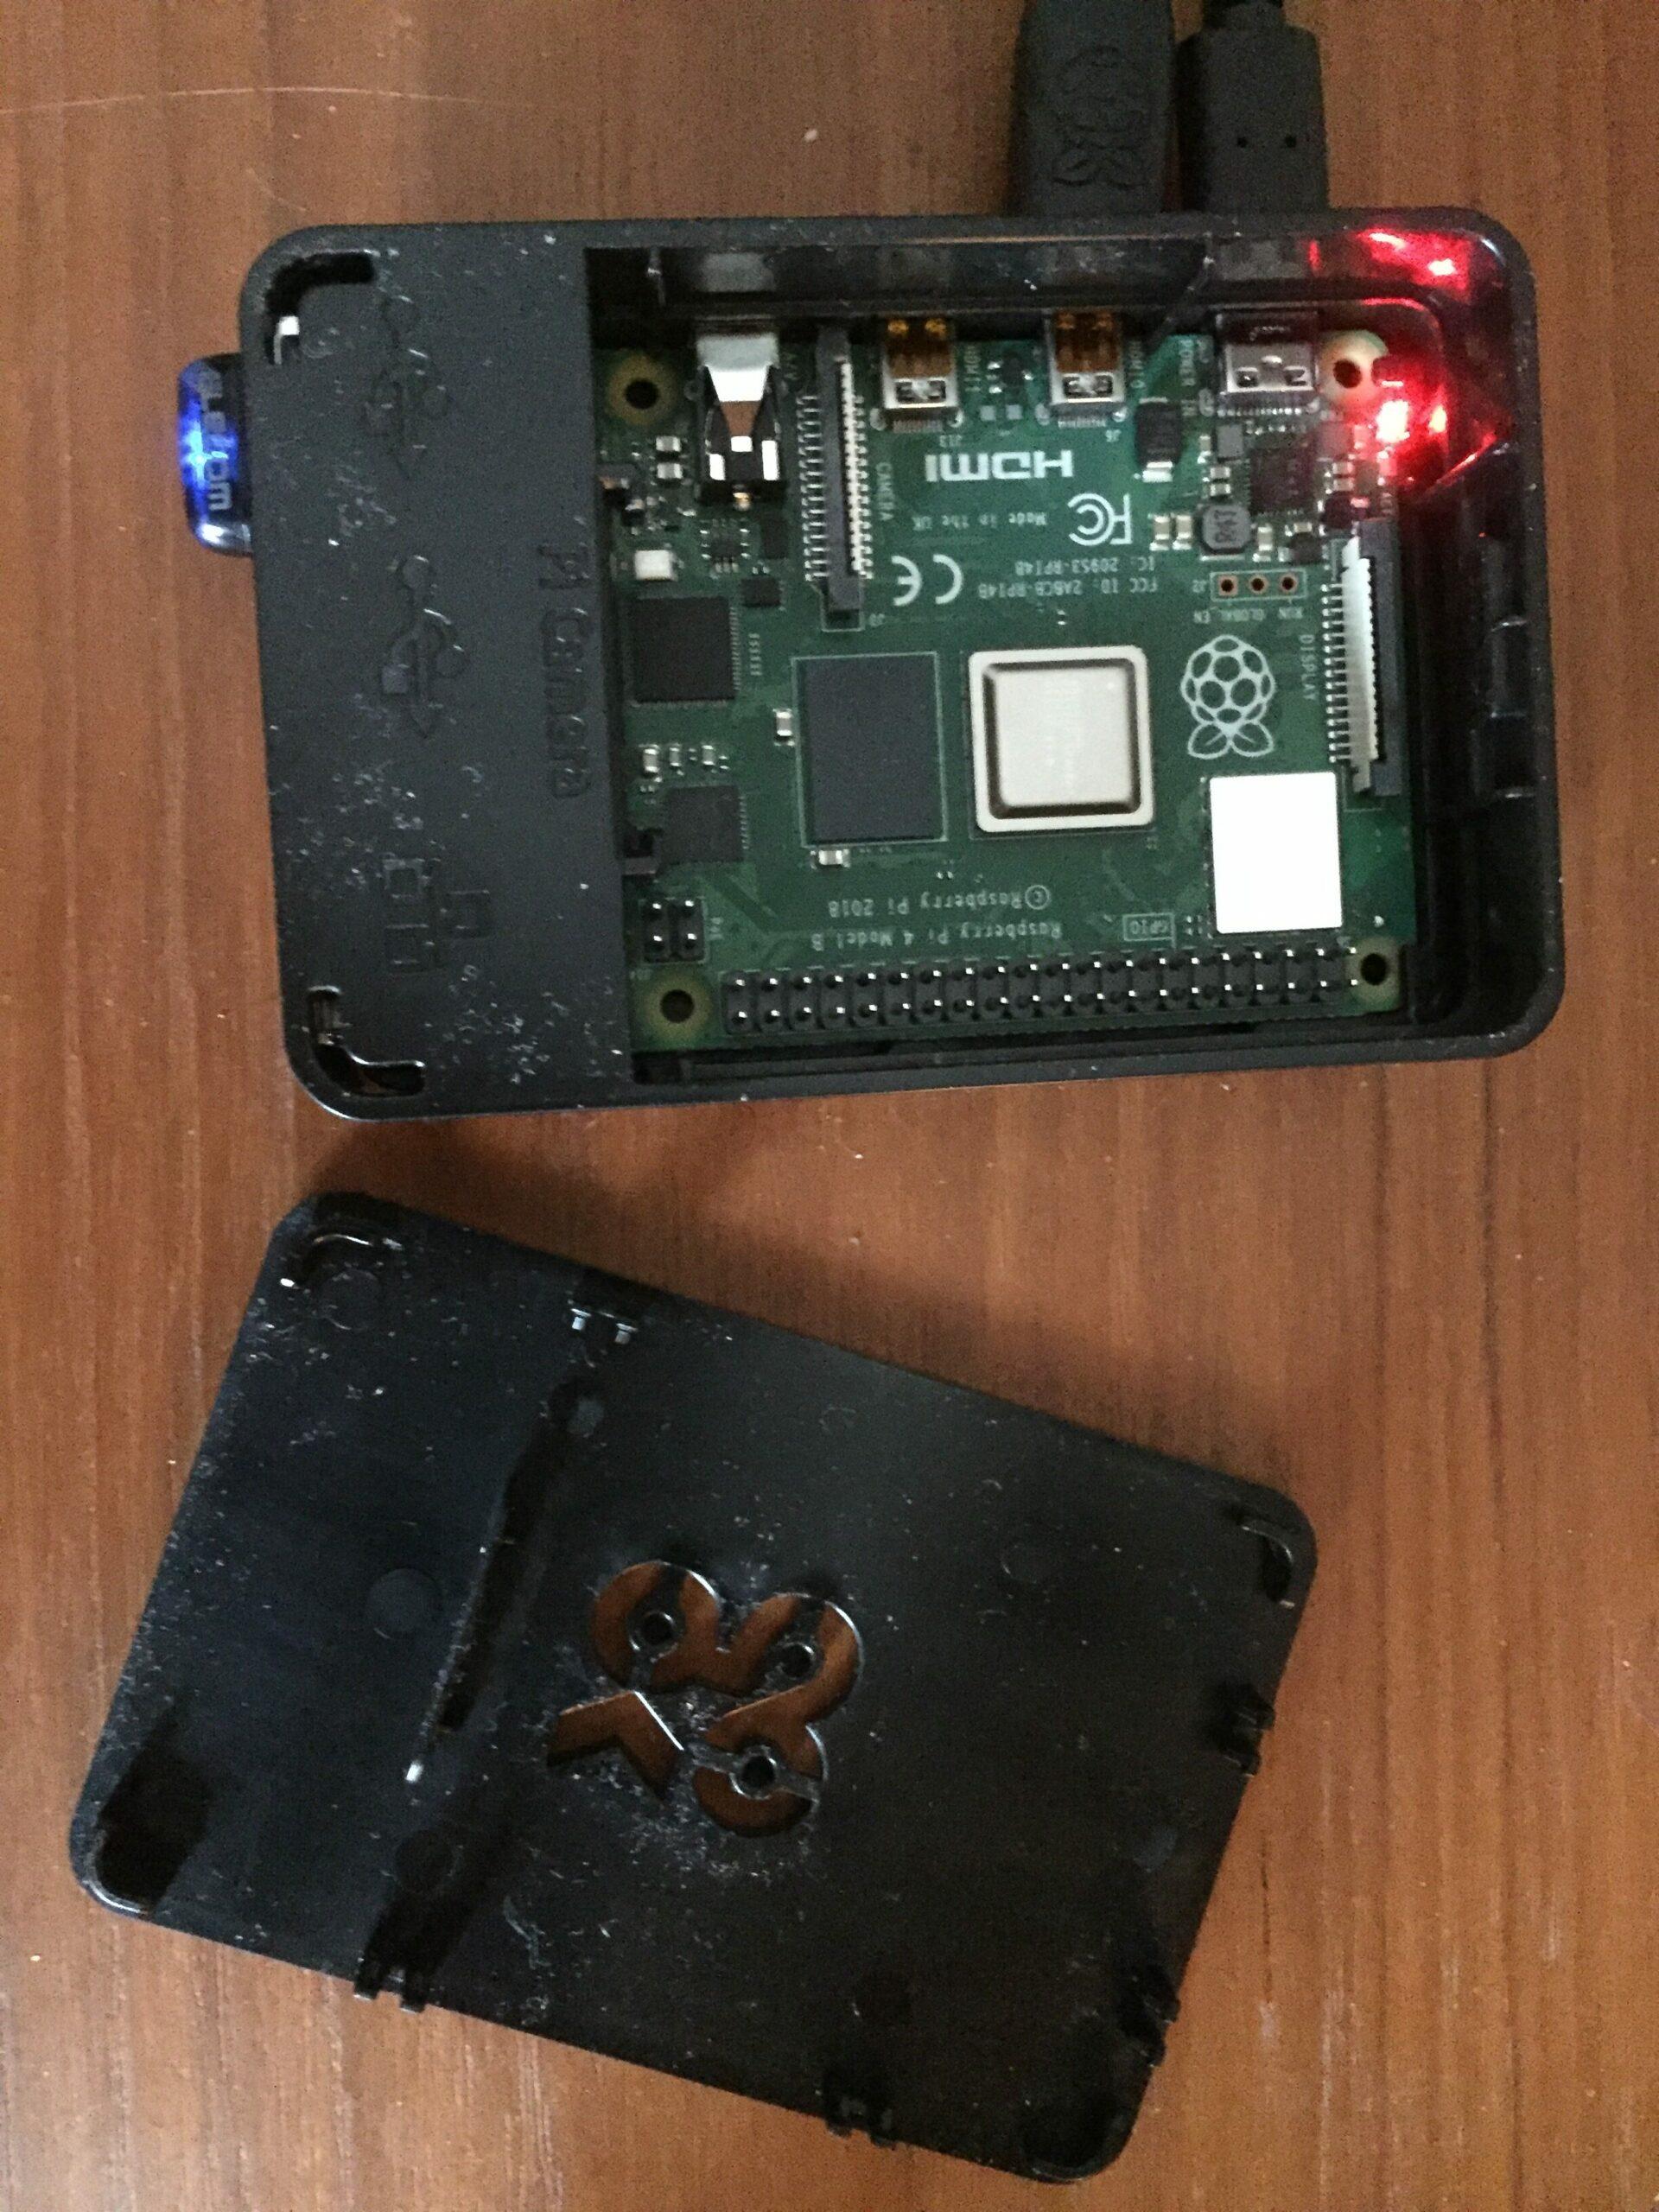 Raspberry Pi 4B med 4GB RAM och 16GB sekundär lagring på ett SD kort är igång och ses här med en extra äldre blåtandsändare som jag satt dit. Som test är en nätkabel ansluten förutom nätkabeln.